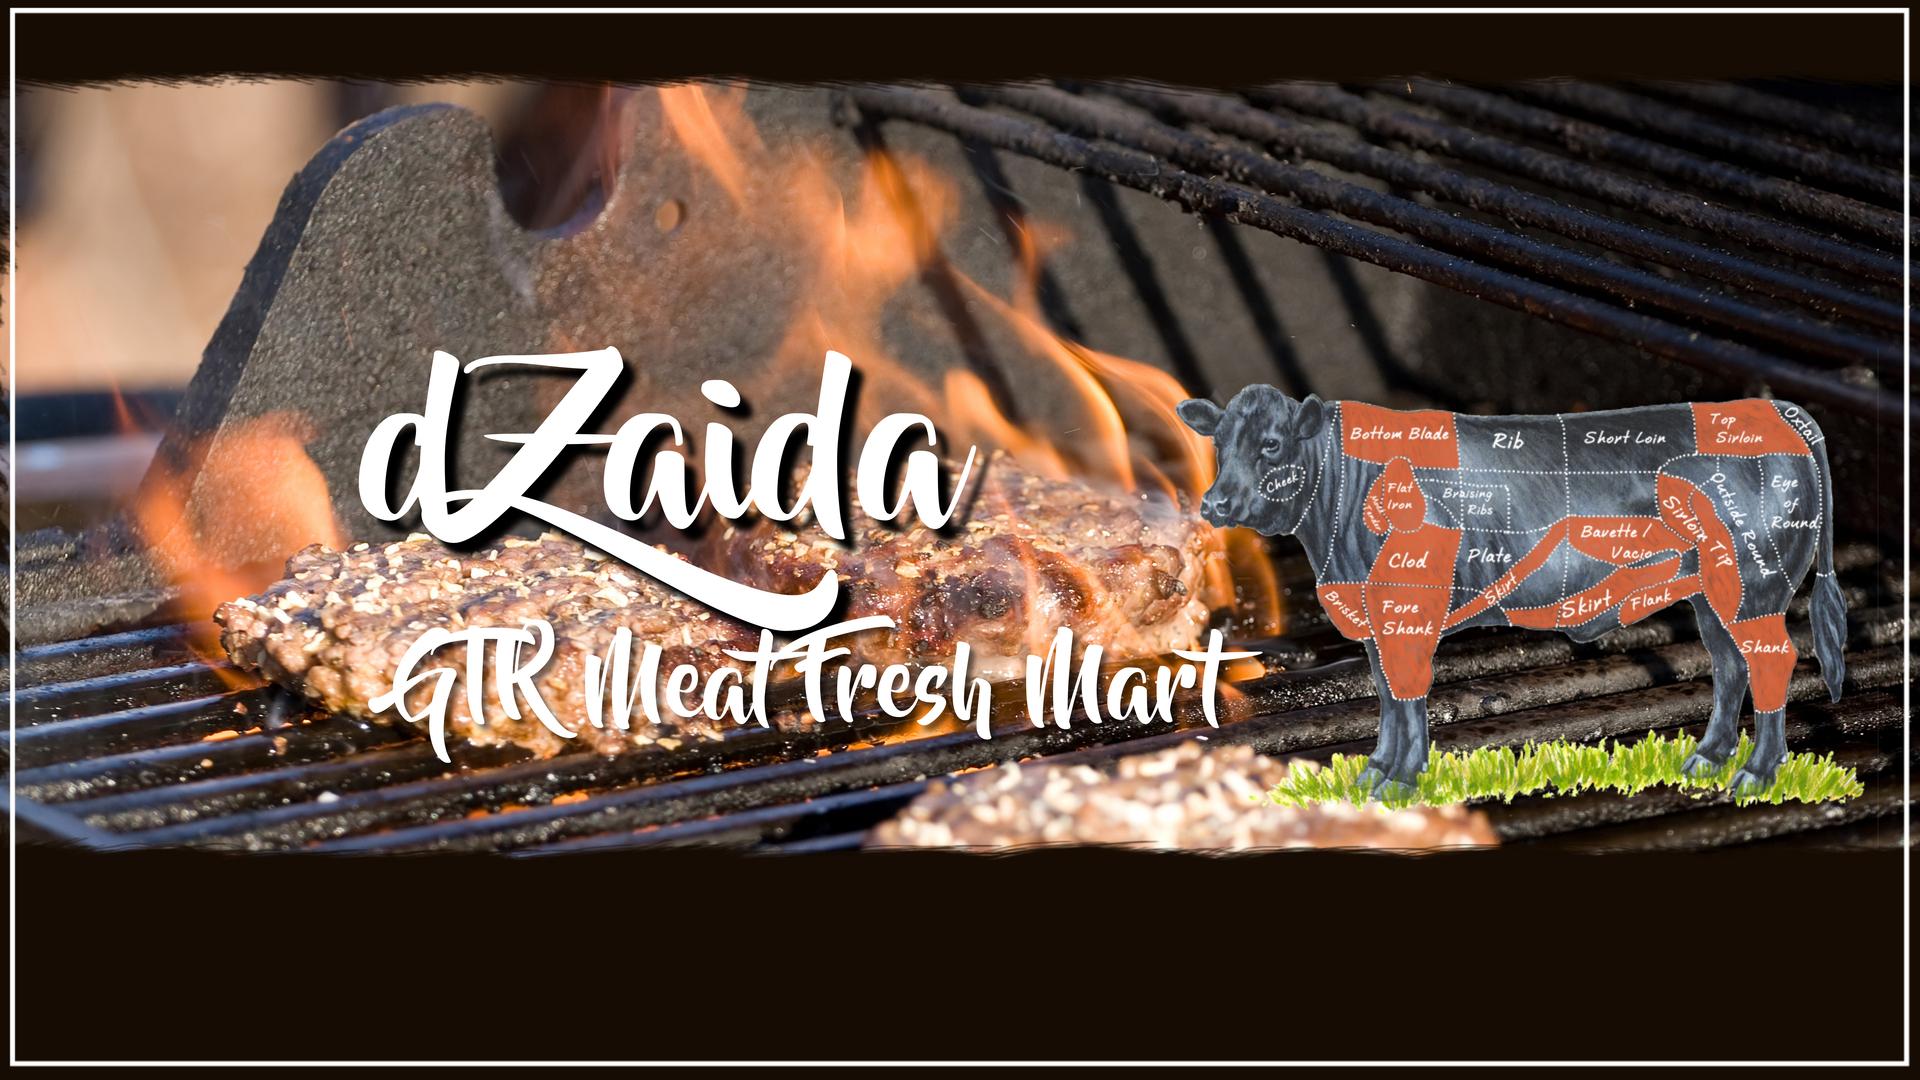 DZAIDA FRESH MART